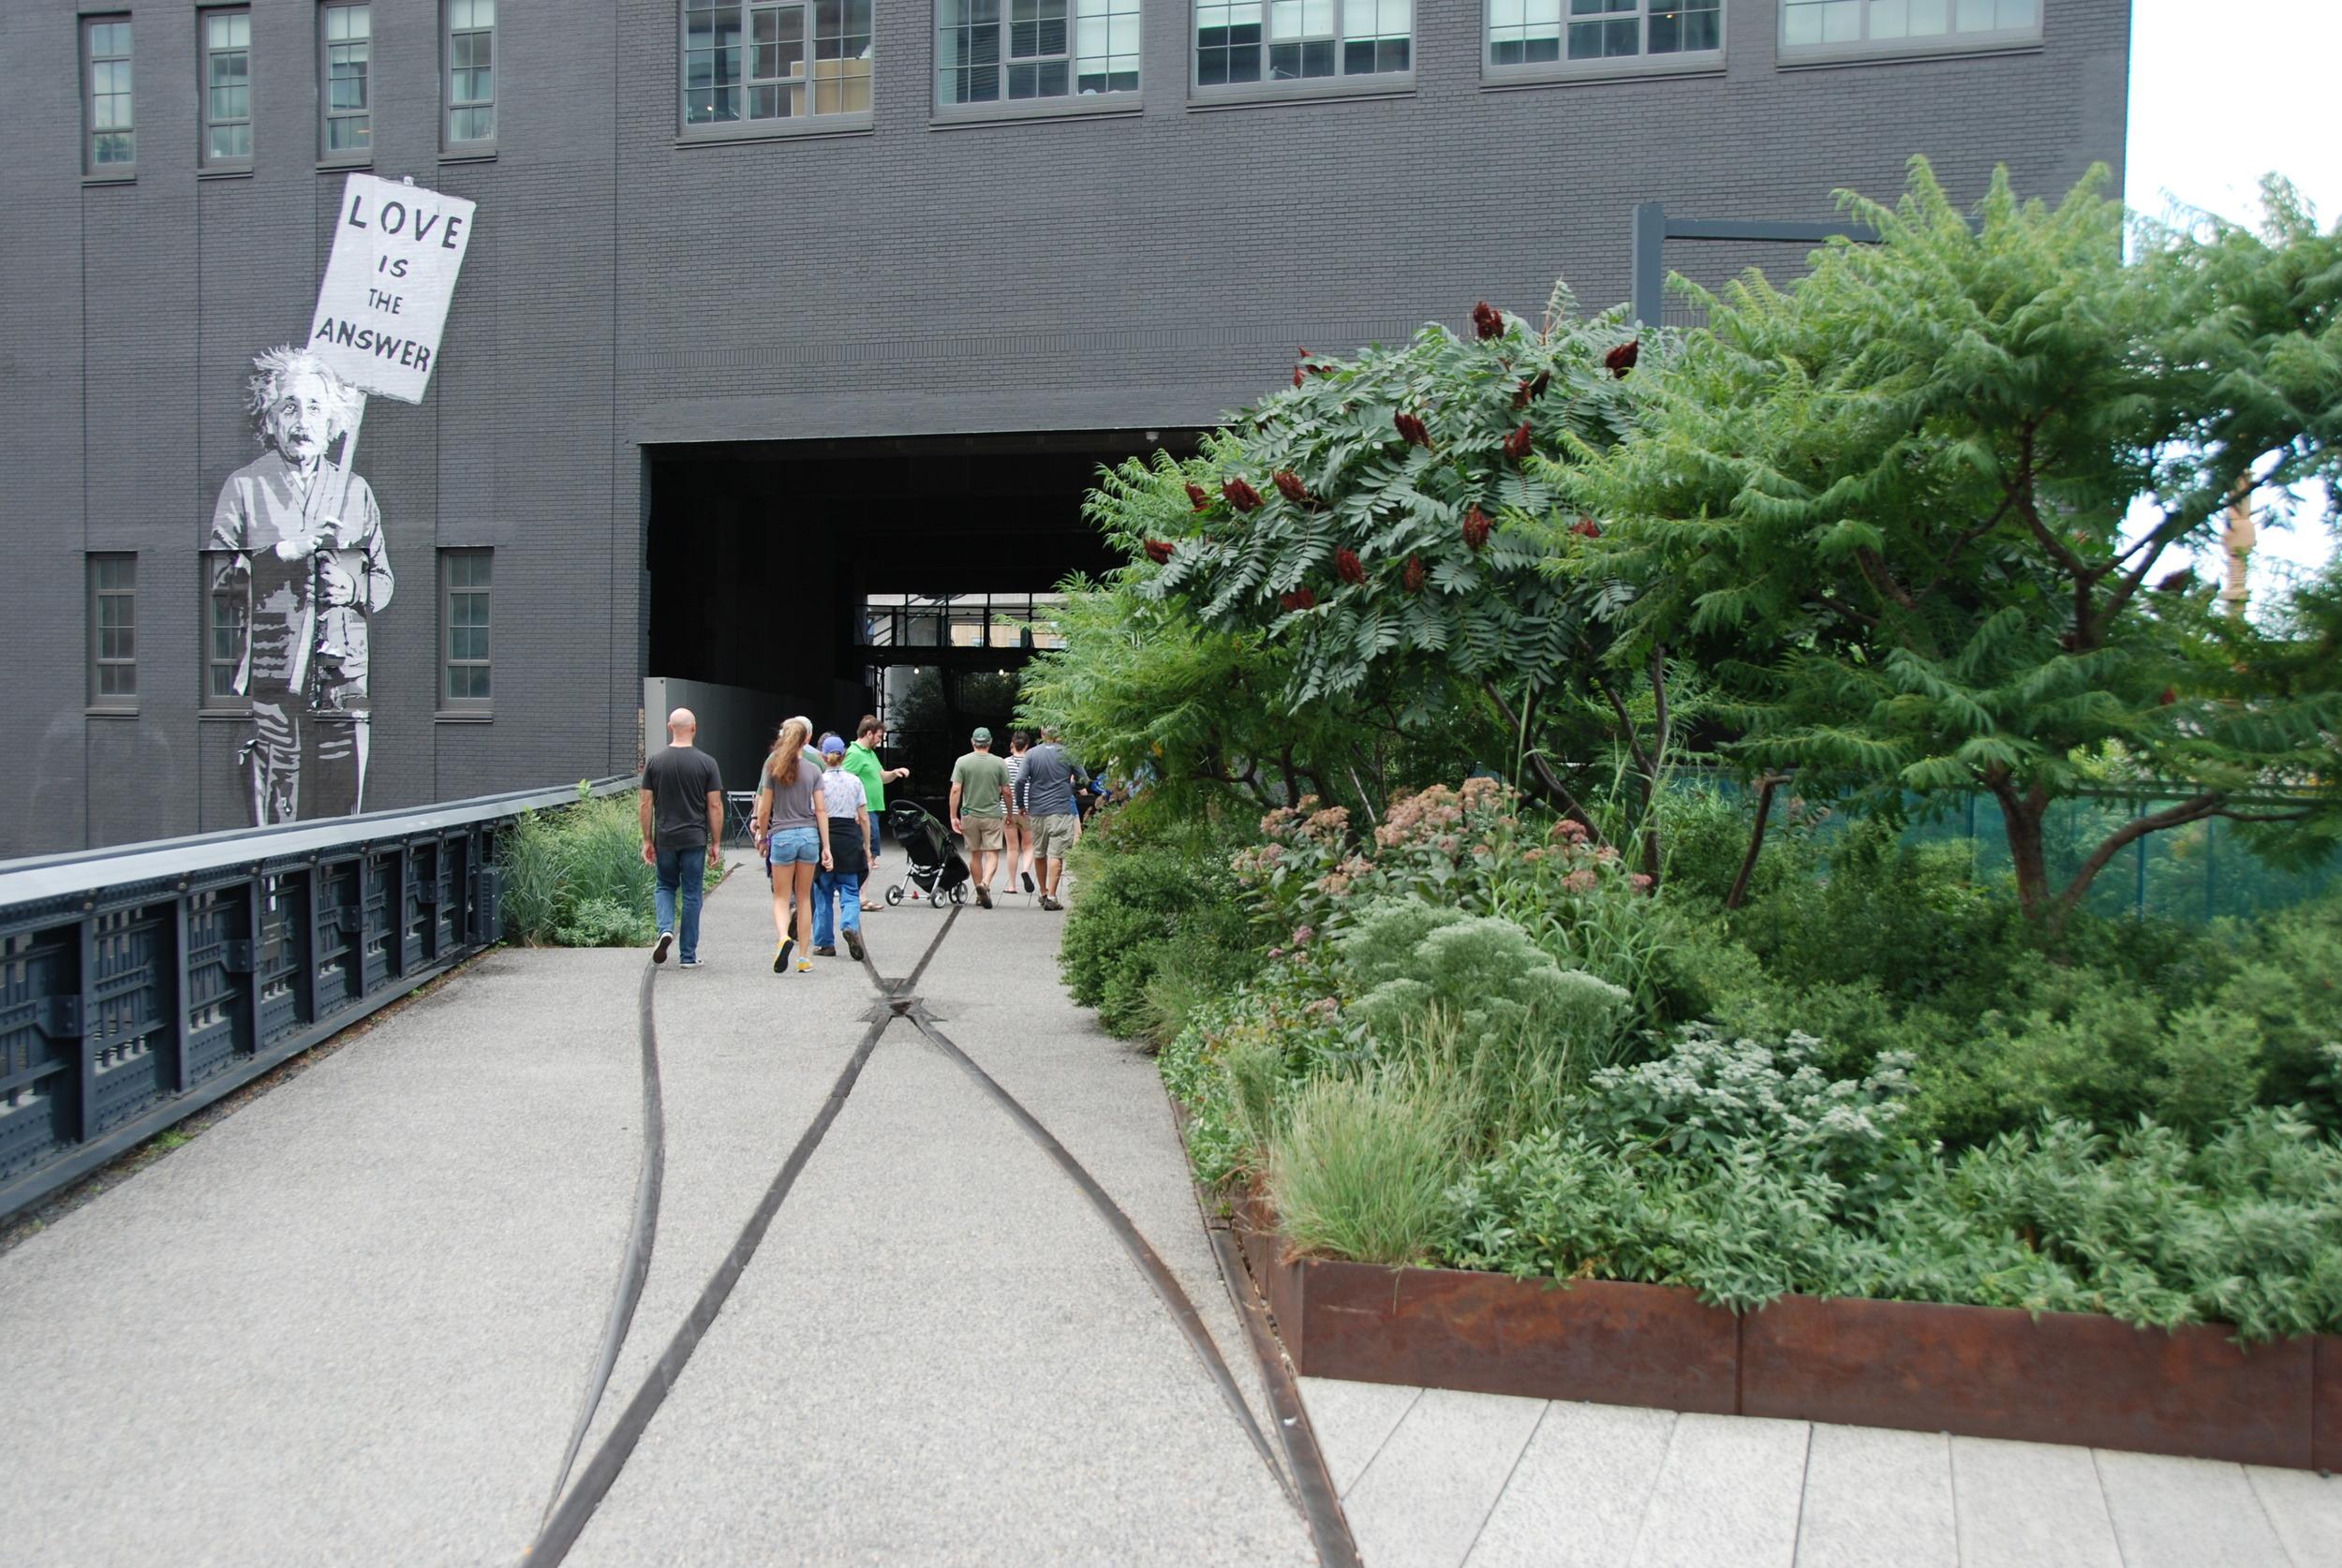 High Line projížděla v minulosti přímo skrze budovy a sklady, v řadě z nich bylo možné přímo realizovat vykládku a nakládu zboží. Dnes se v průjezdu nad zemí nachází stánky s občerstvením a upomínkovými předměty. A pokud budete v životě někdy o něčem pochybovat a váhat, odpověď Vám dá Albert Einstein. (foto: Libor Hinčica)